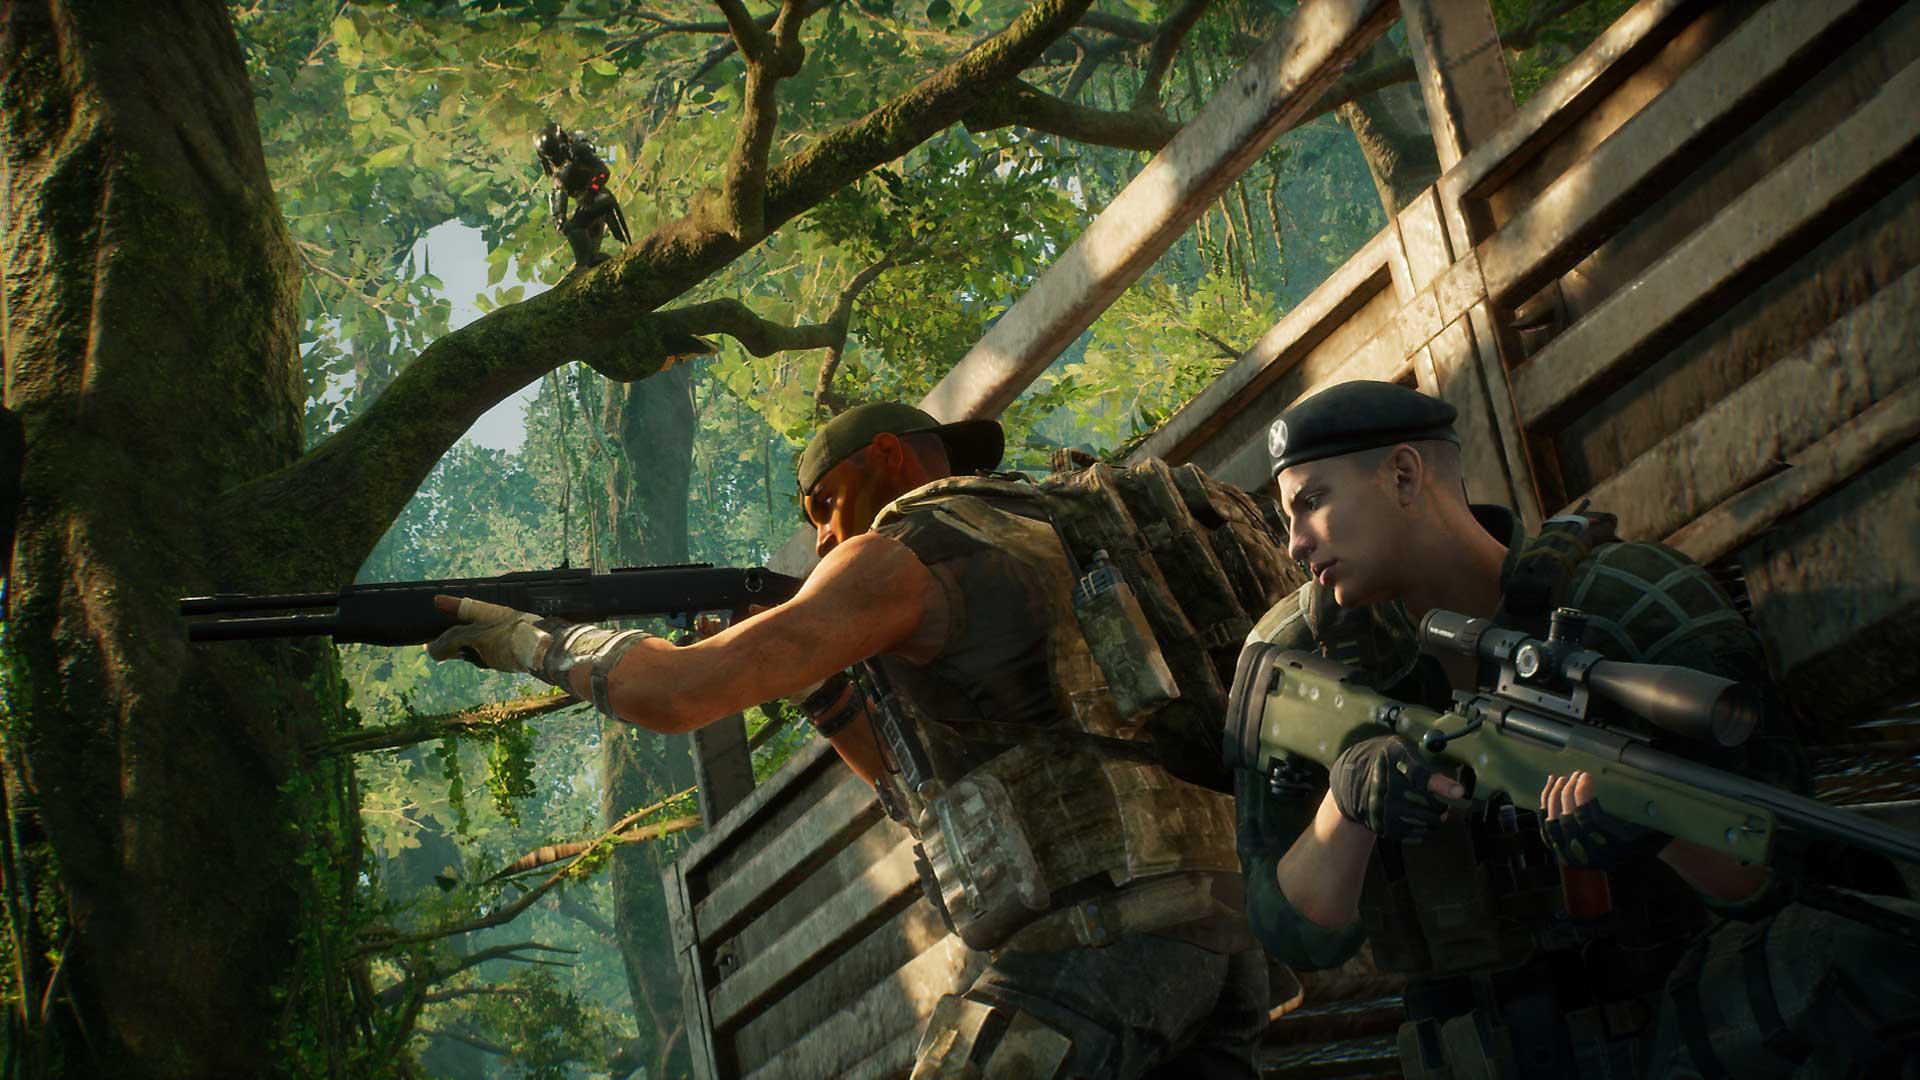 predator hunting grounds screen 03 ps4 us 19aug19 babt